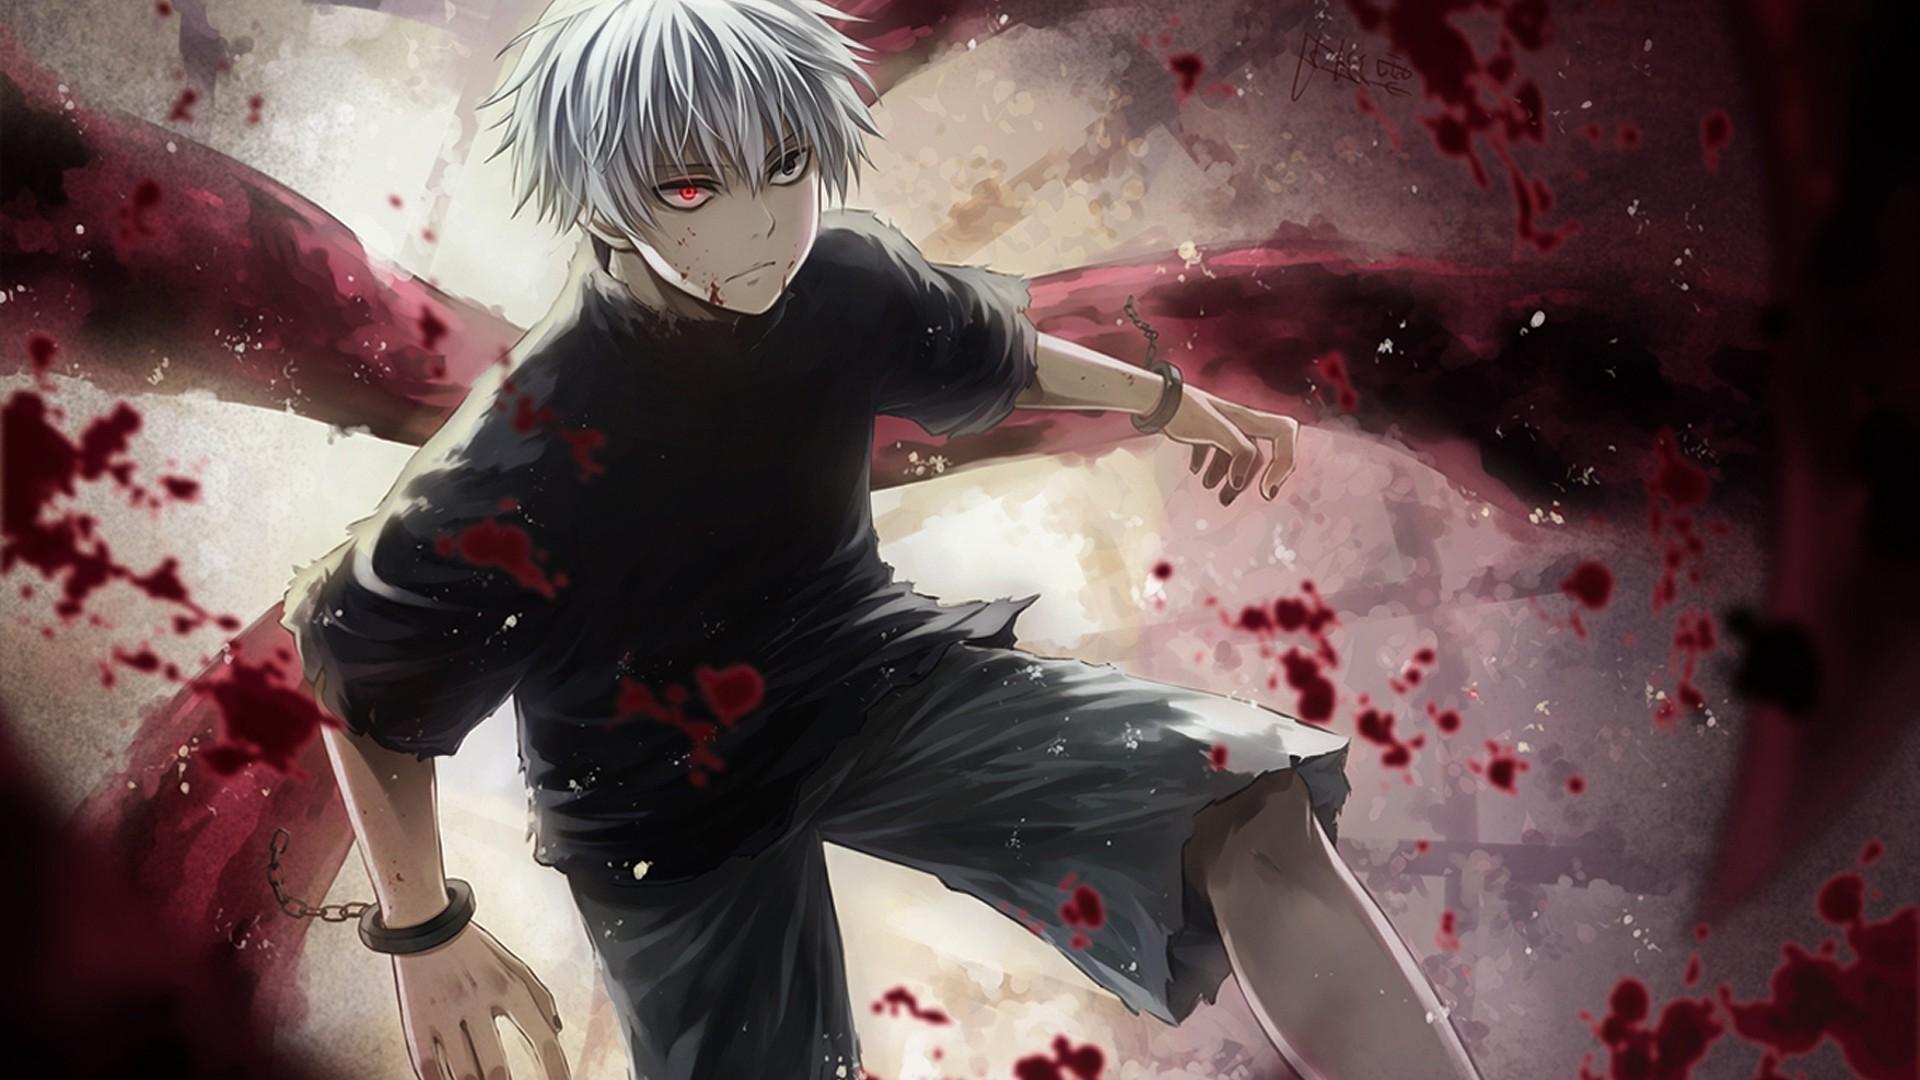 Ken kaneki wallpaper, tokyo ghoul, kaneki ken, hd wallpaper · pc(720p, 1080p, 2k, 4k,8k): Wallpaper : anime, Kaneki Ken, Tokyo Ghoul, screenshot ...